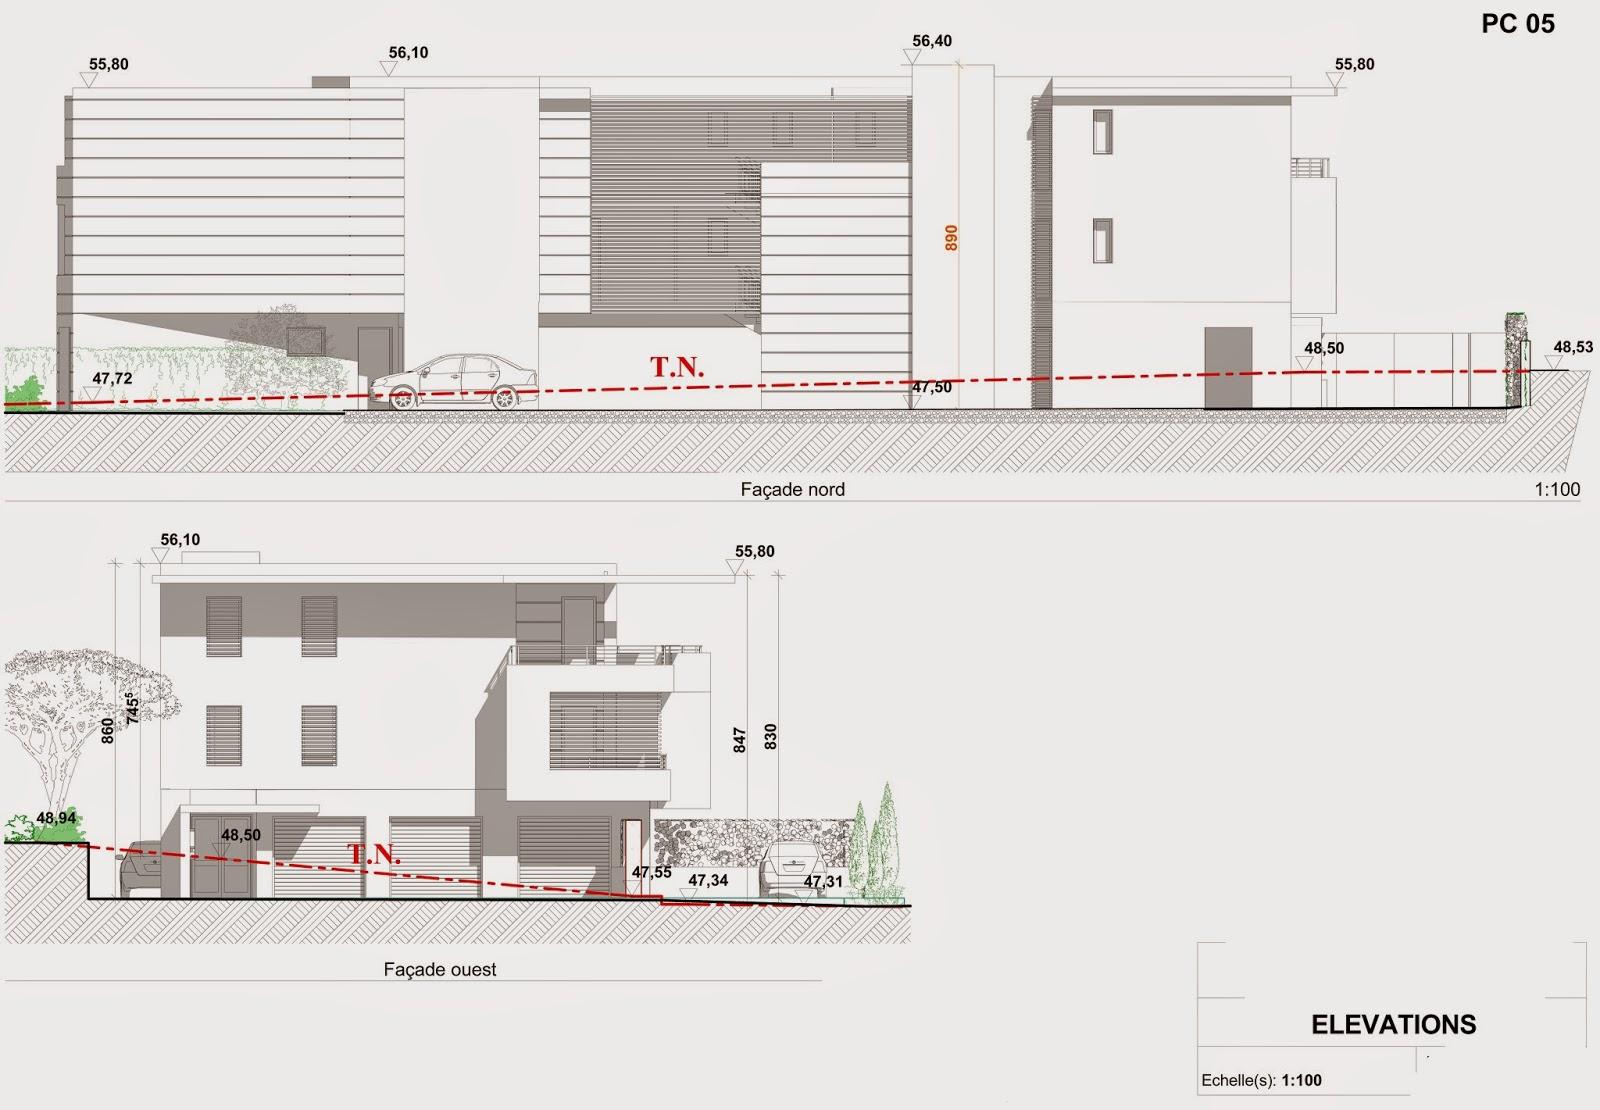 Les terrasses de l 39 escourche plans permis de construire - Permis de construire terrasse ...